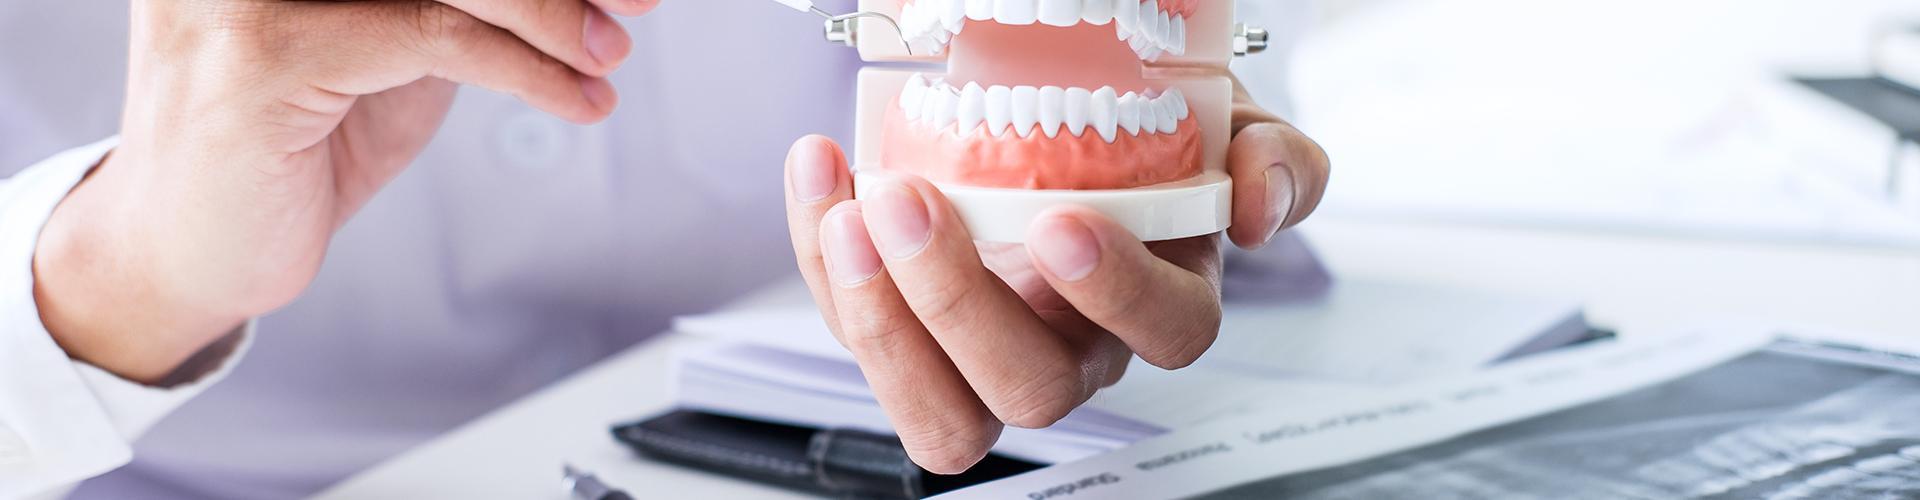 Dr. Ahmed Mowla